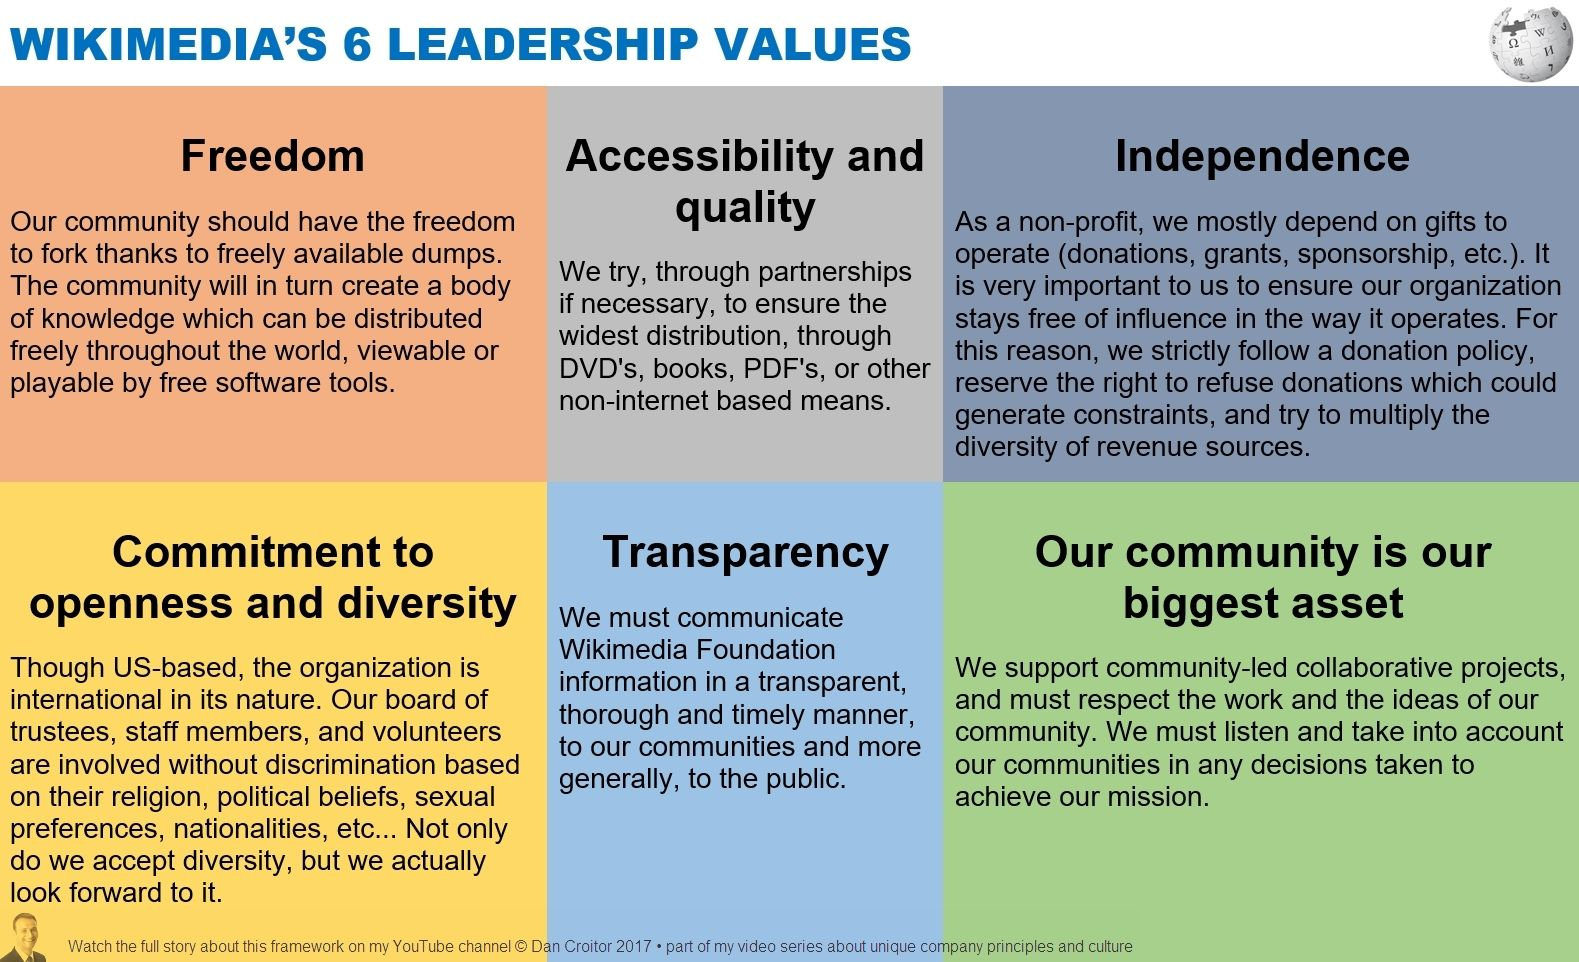 WIKIPEDIA'S 6 LEADERSHIP VALUES | Leadership principles